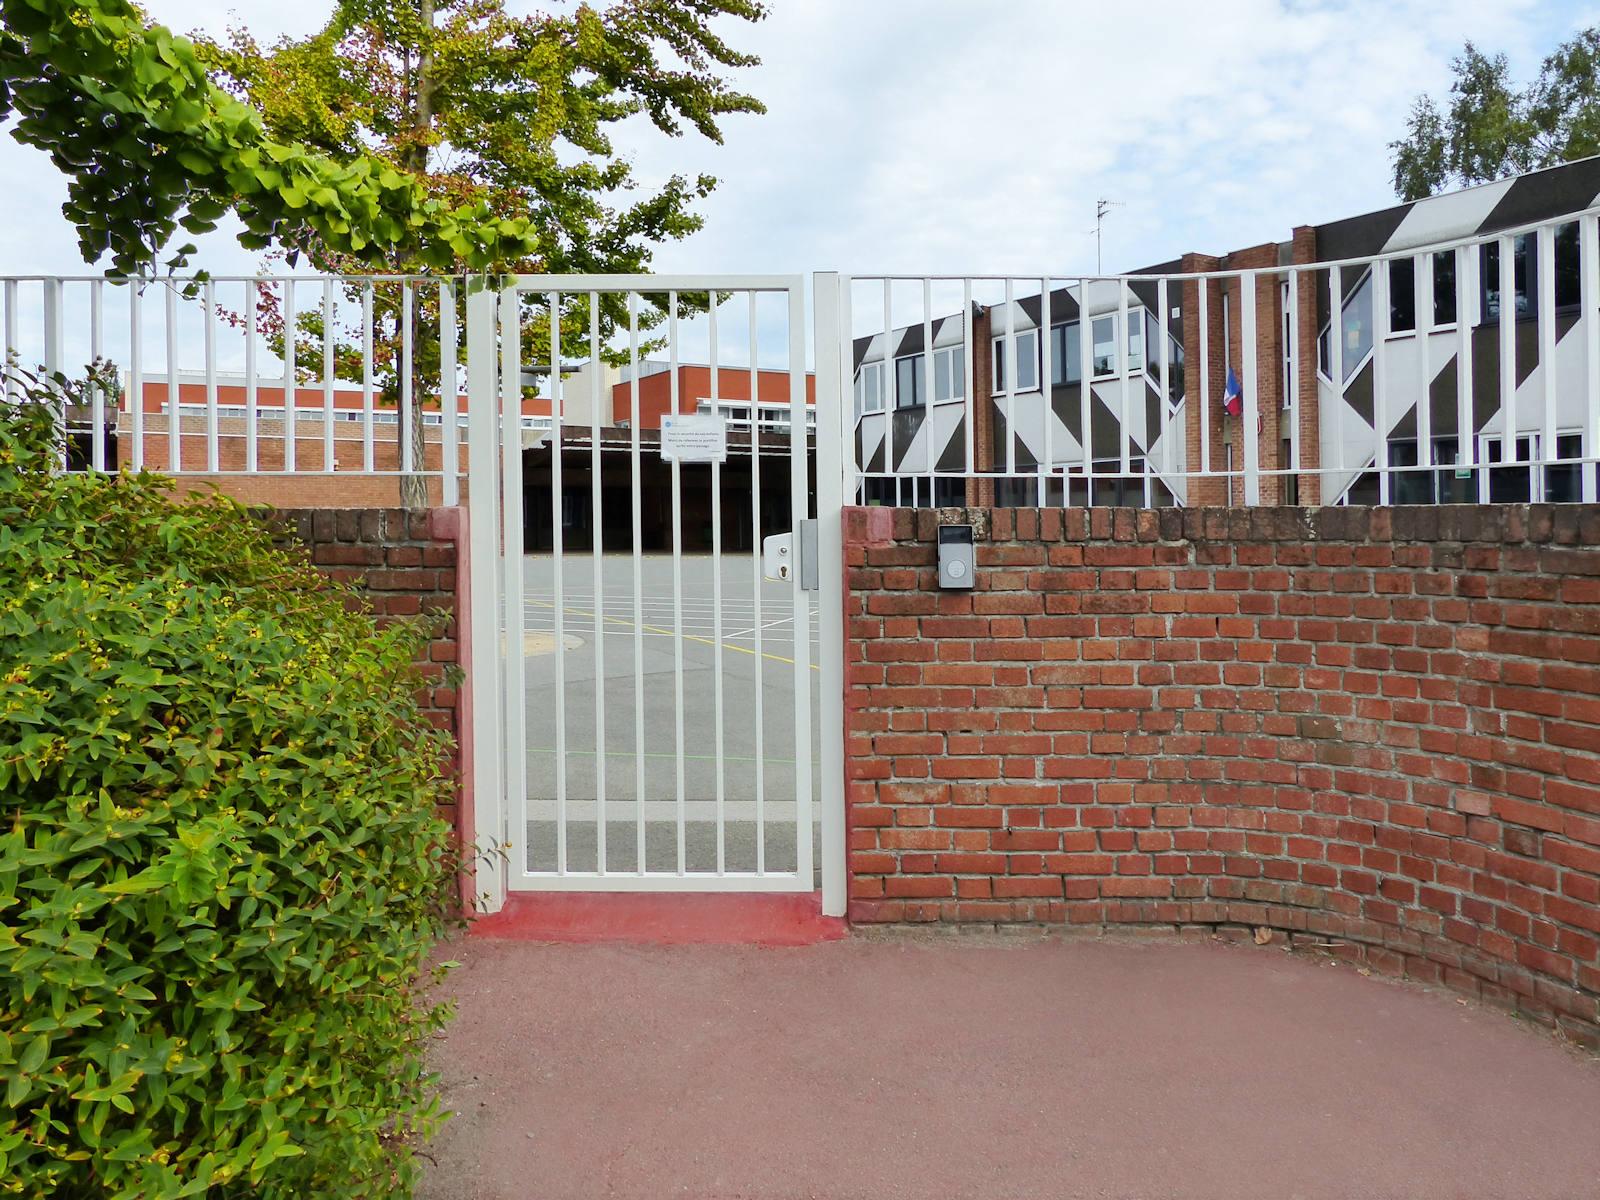 école primaire publique Maurice Bonnot, Tourcoing